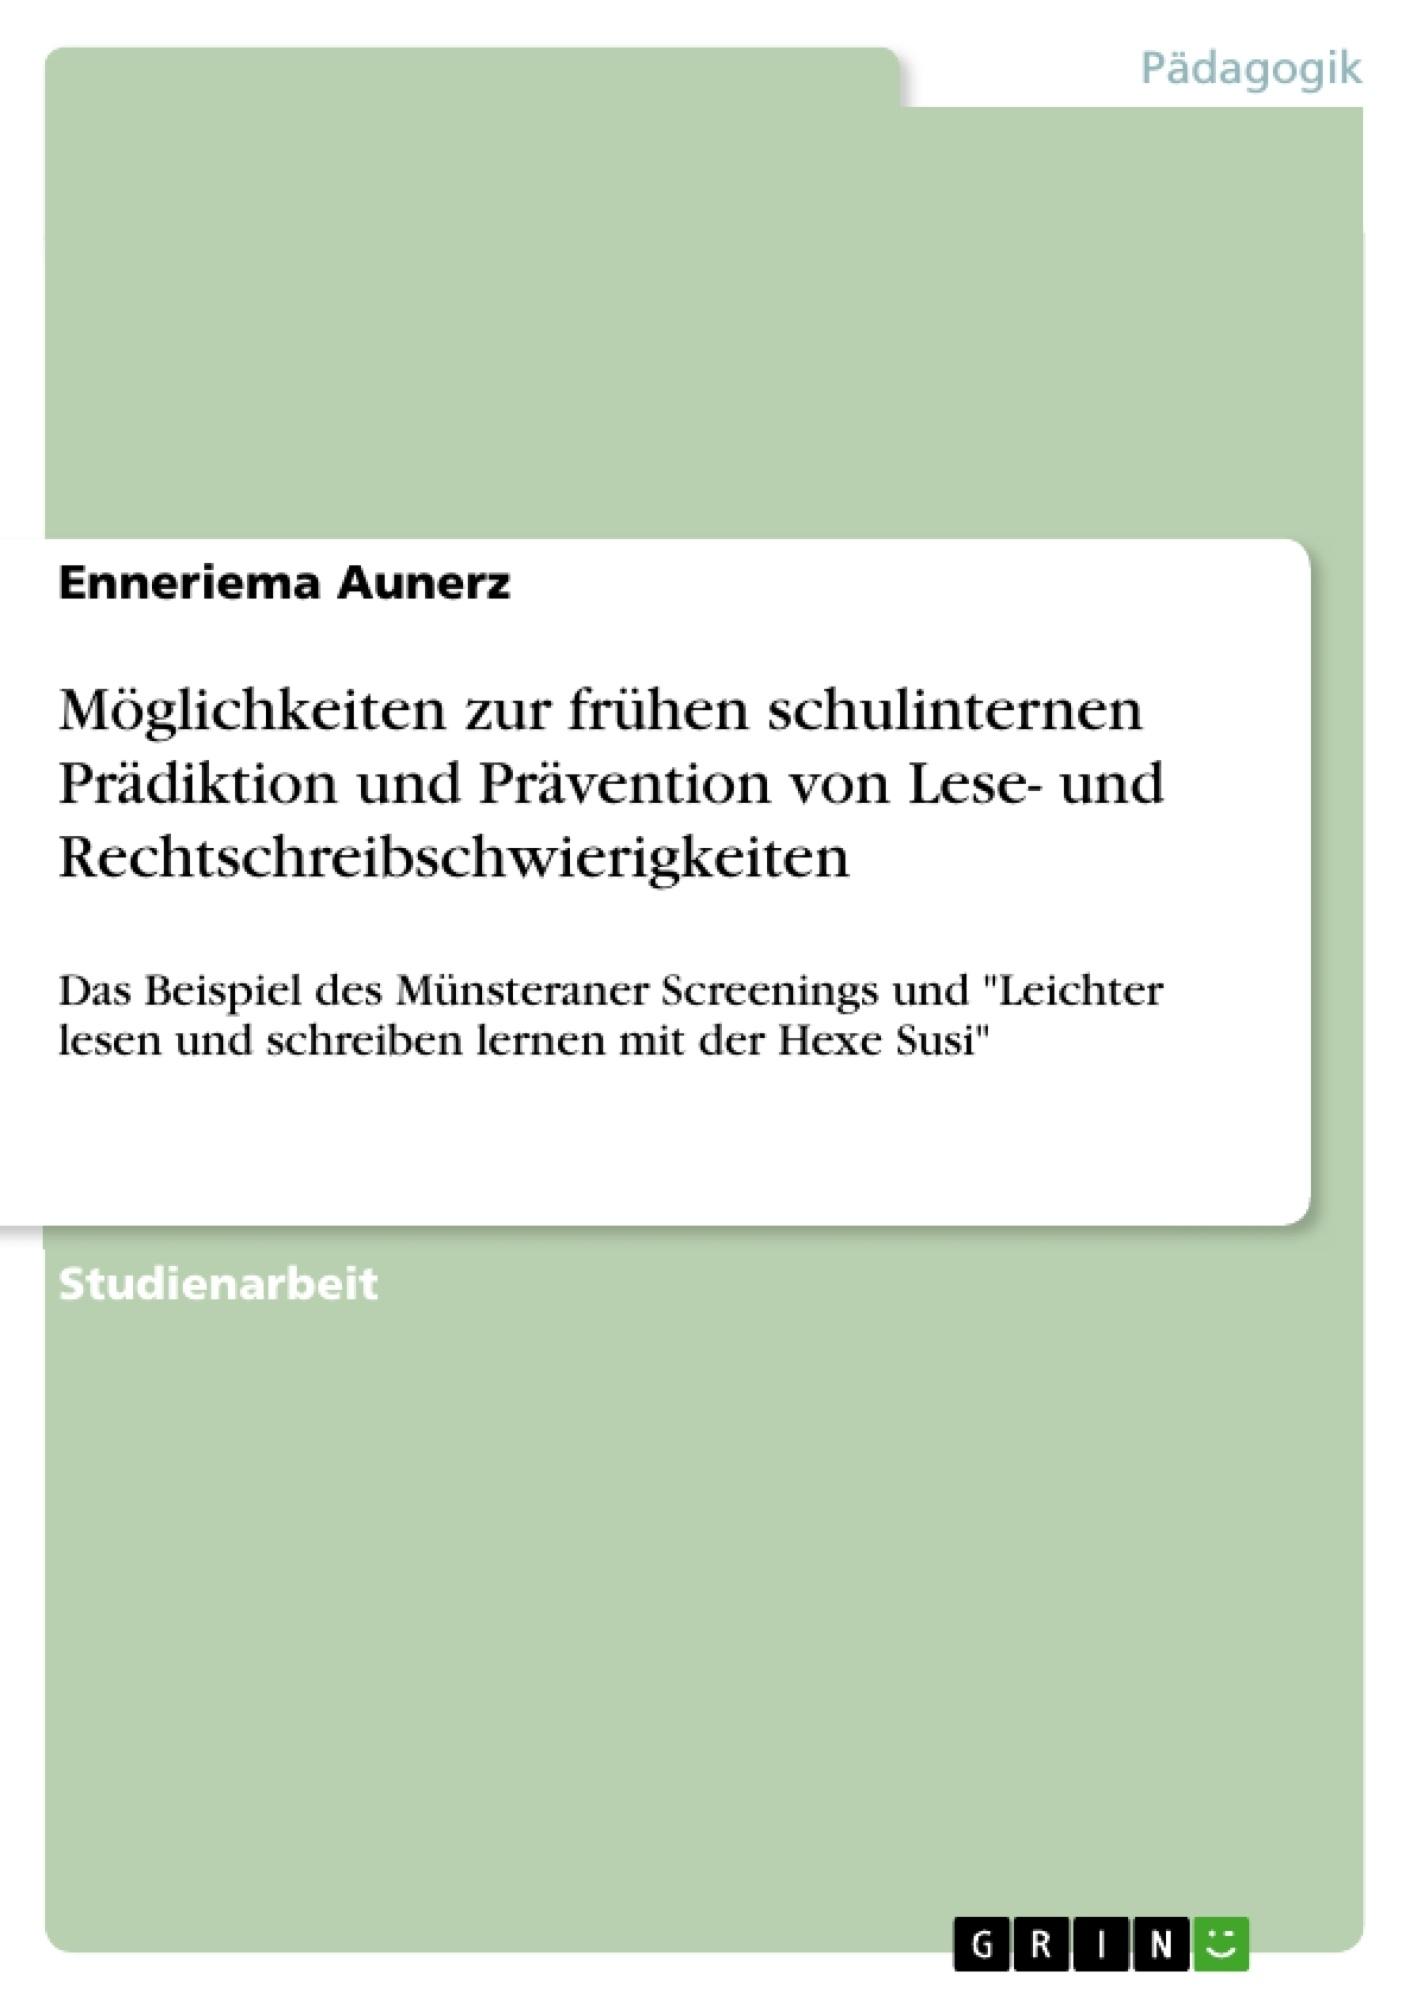 Titel: Möglichkeiten zur frühen schulinternen Prädiktion und Prävention von Lese- und Rechtschreibschwierigkeiten